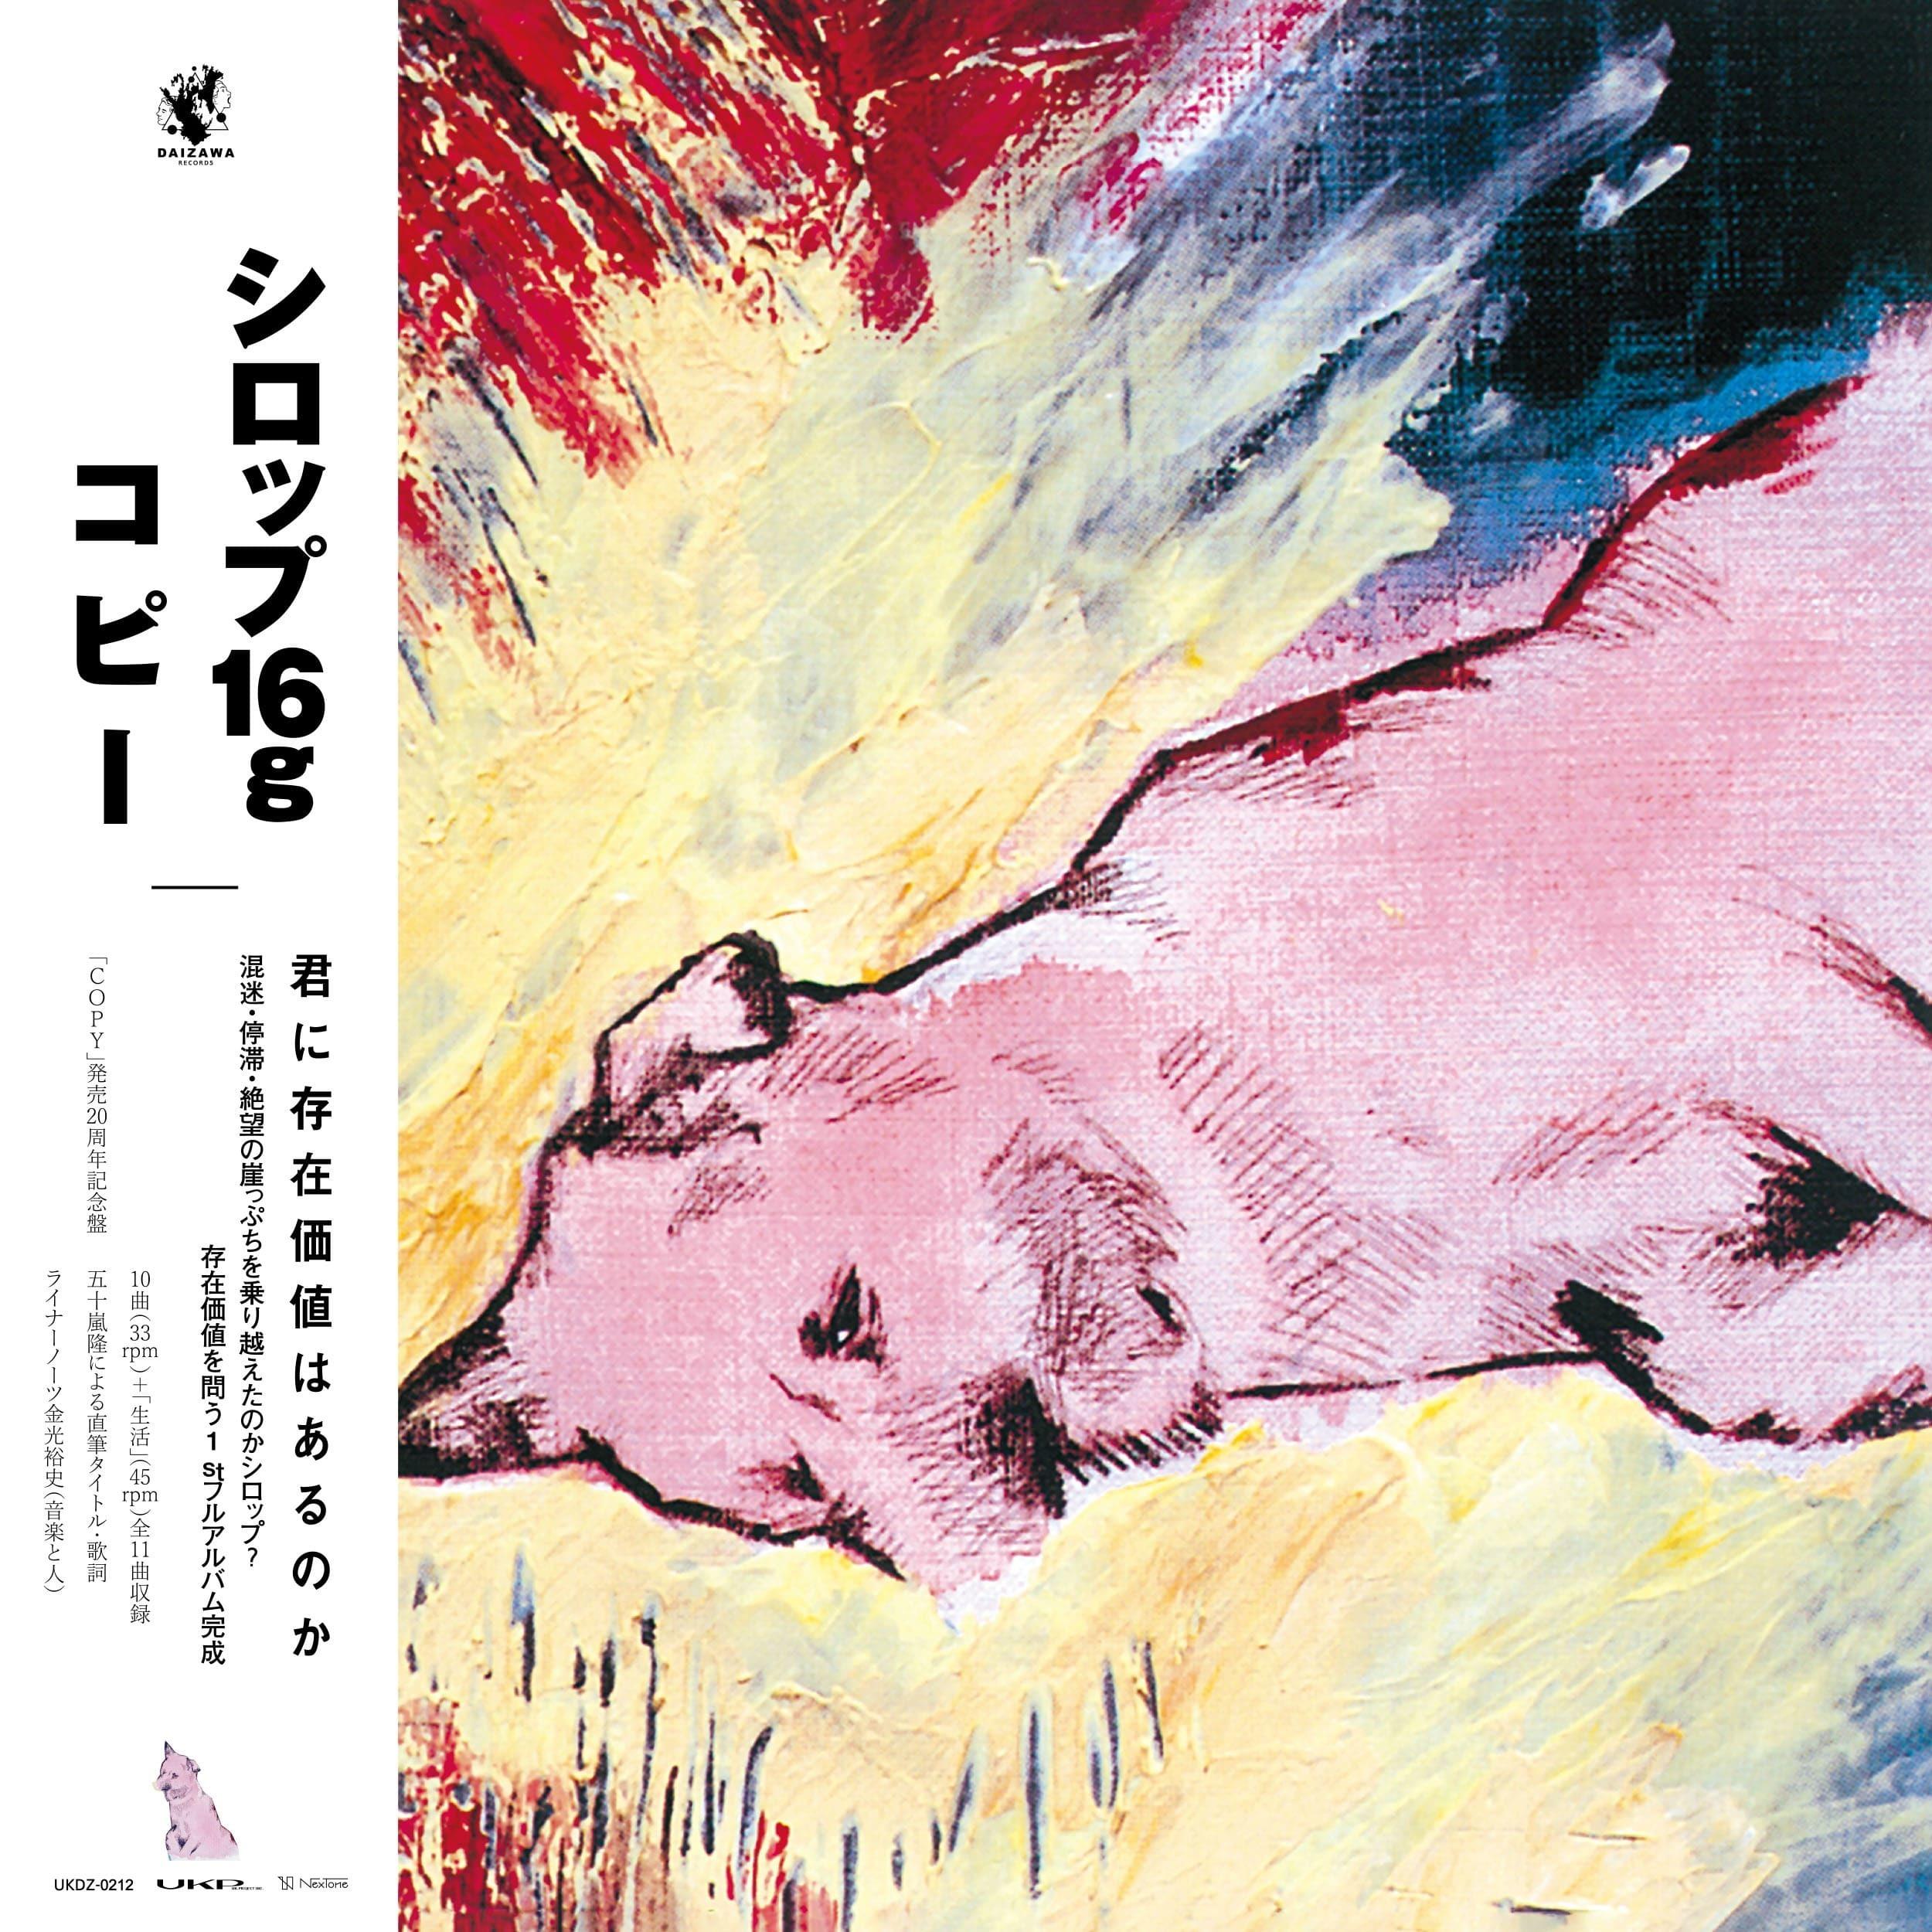 10/5新譜:「COPY」発売20周年記念盤(アナログレコード)